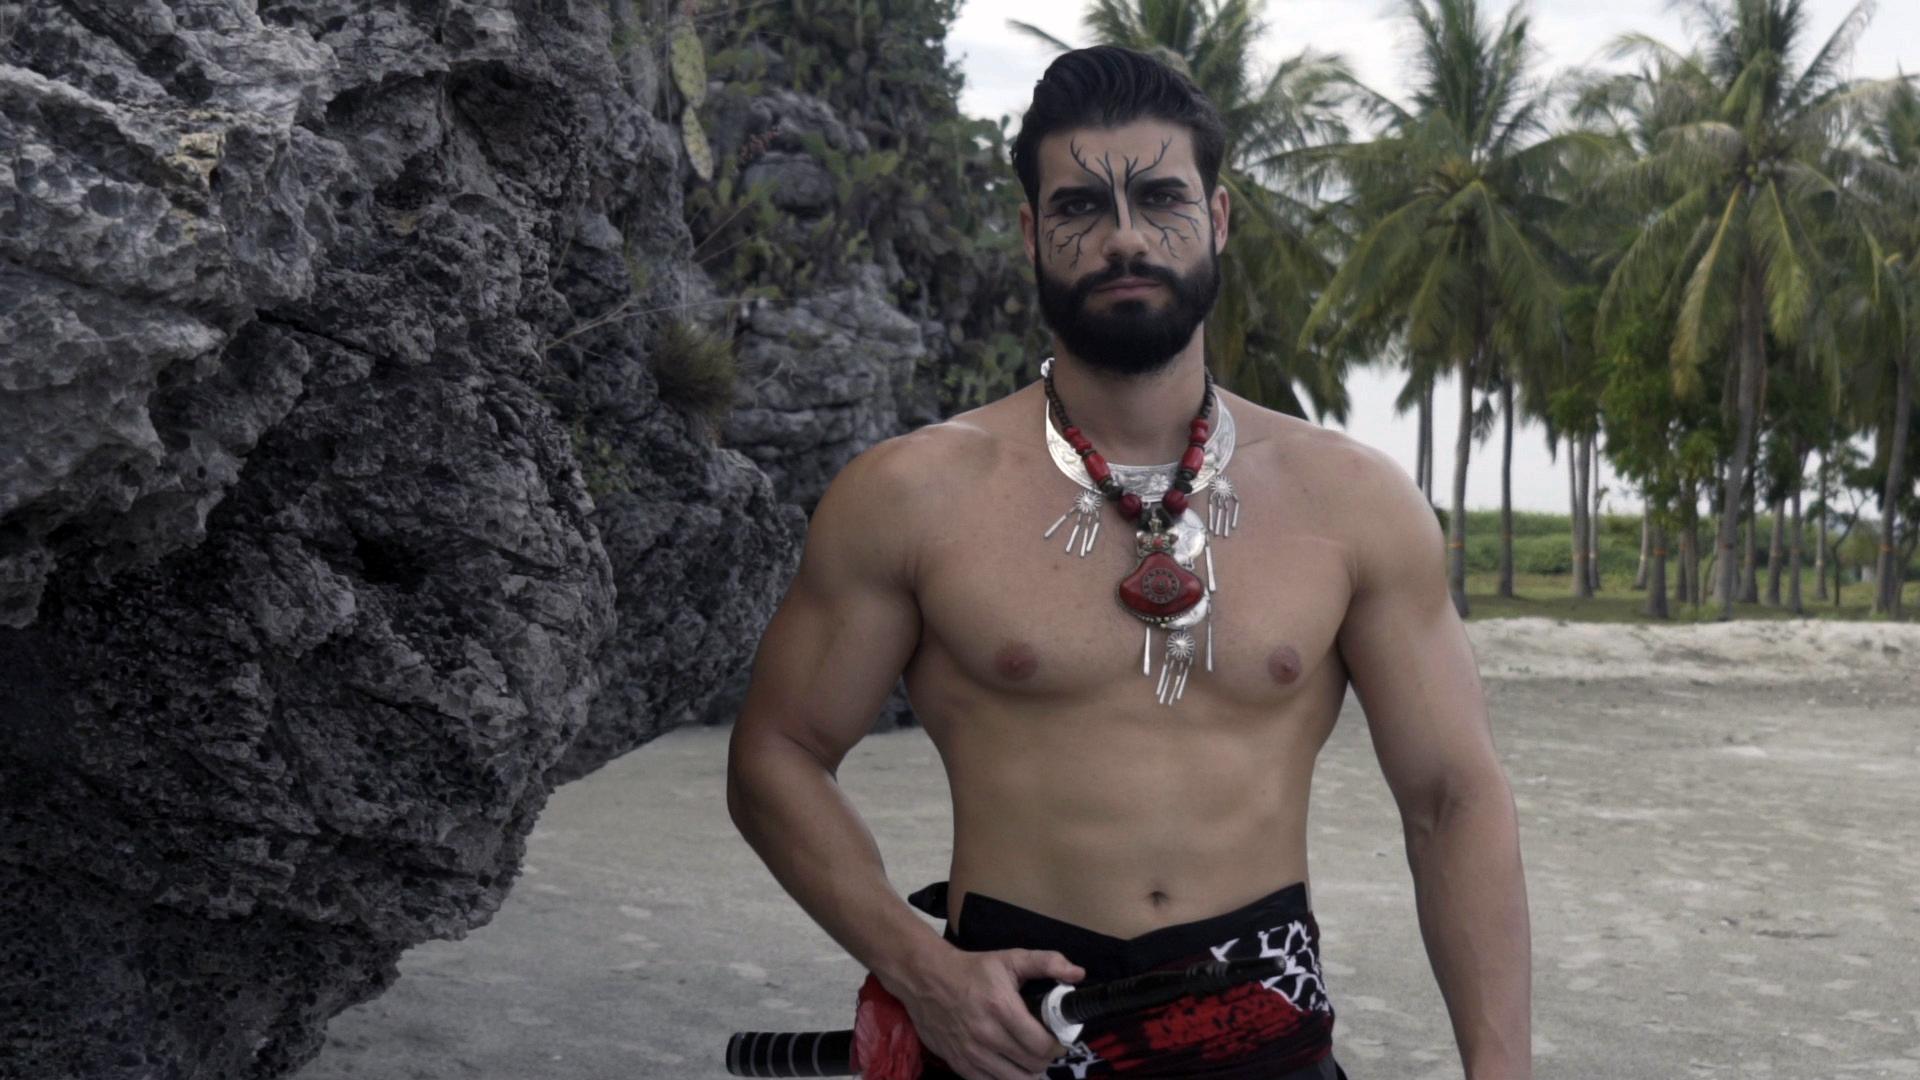 """Acestea sunt ispitele masculine din cel de-a cincilea sezon Insula iubirii! Ionuț Gojman și-a intrat în noul rol! Andi: """"După Hannelore, mi-am învăţat lecţia!"""""""